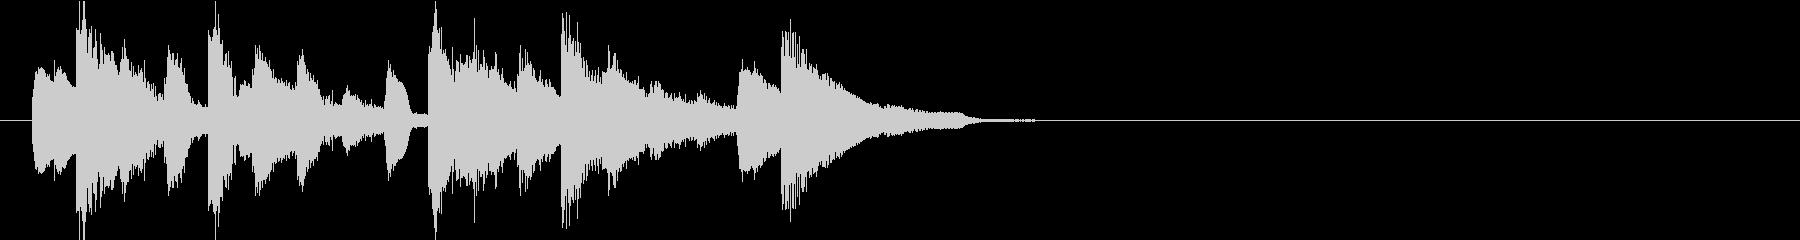 ポップでクラシカル、清らかなジングルの未再生の波形